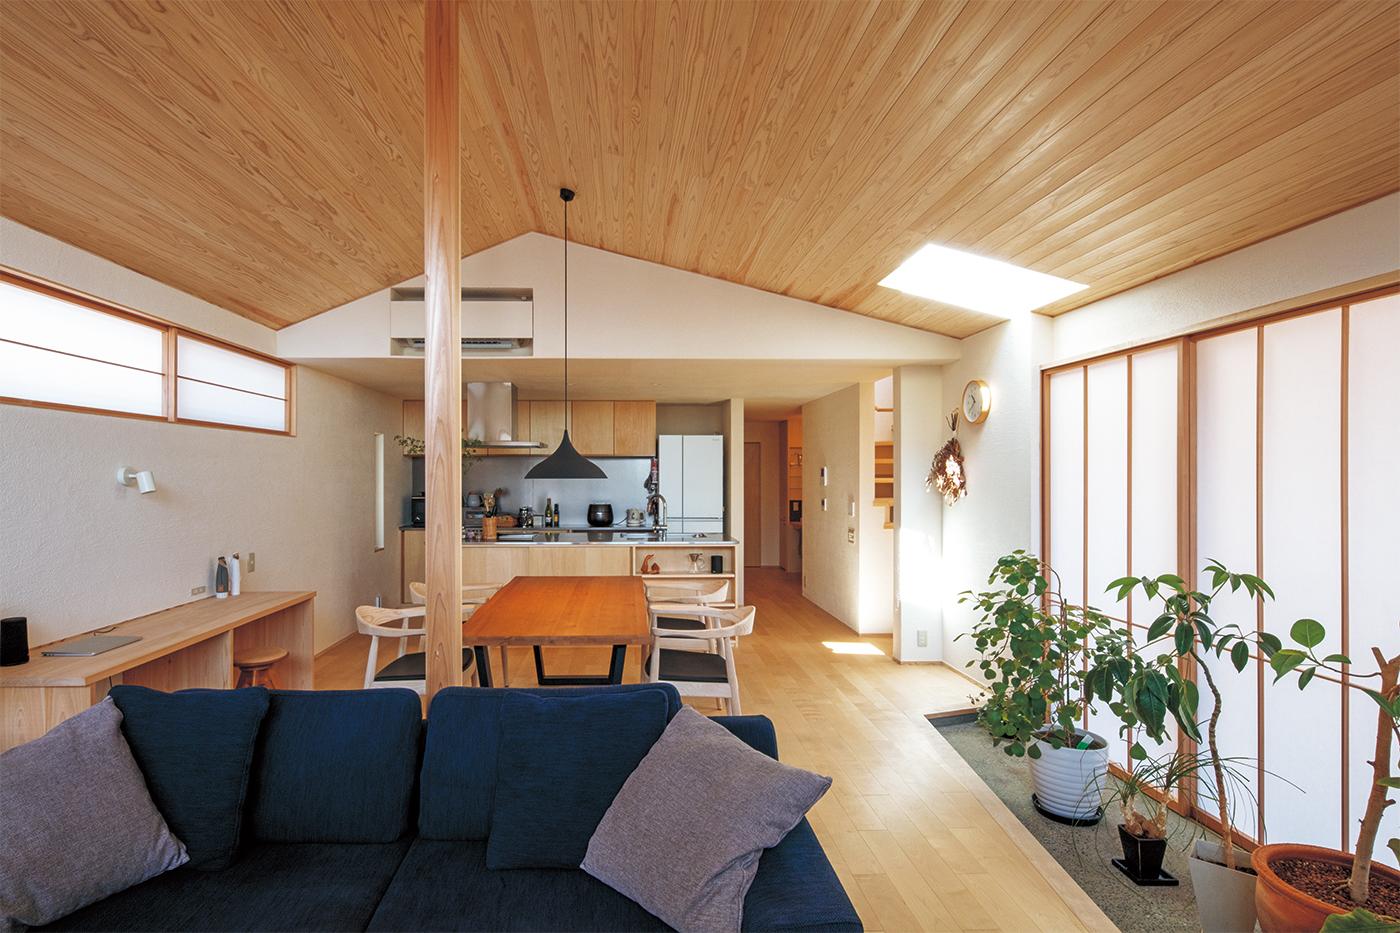 【いい家の条件-よく考えられた設計-】